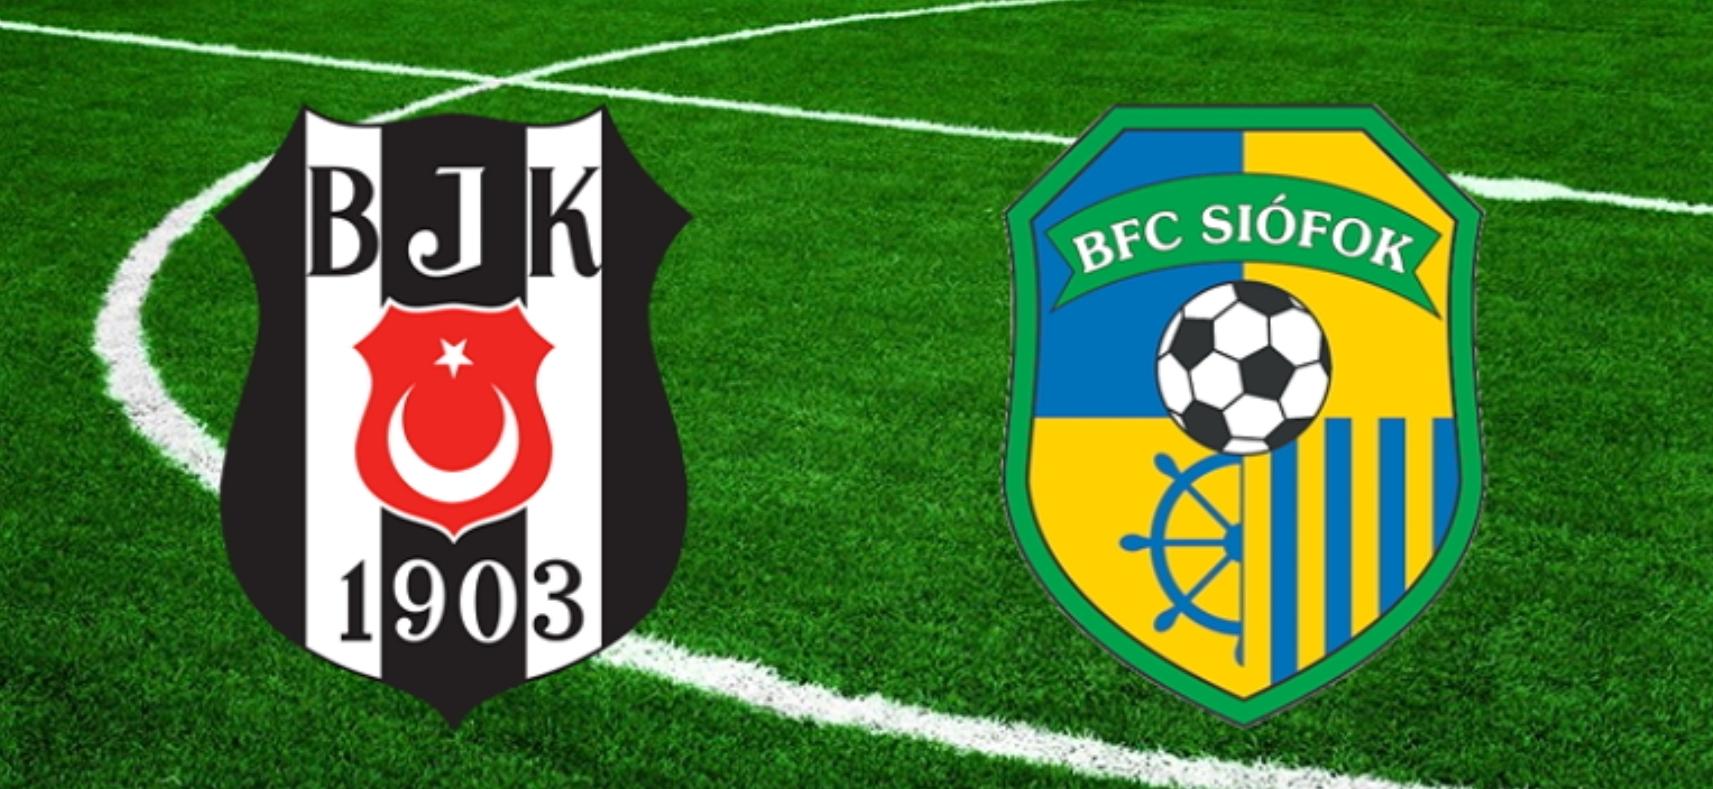 Beşiktaş - Siofok hazırlık maçı CANLI izle